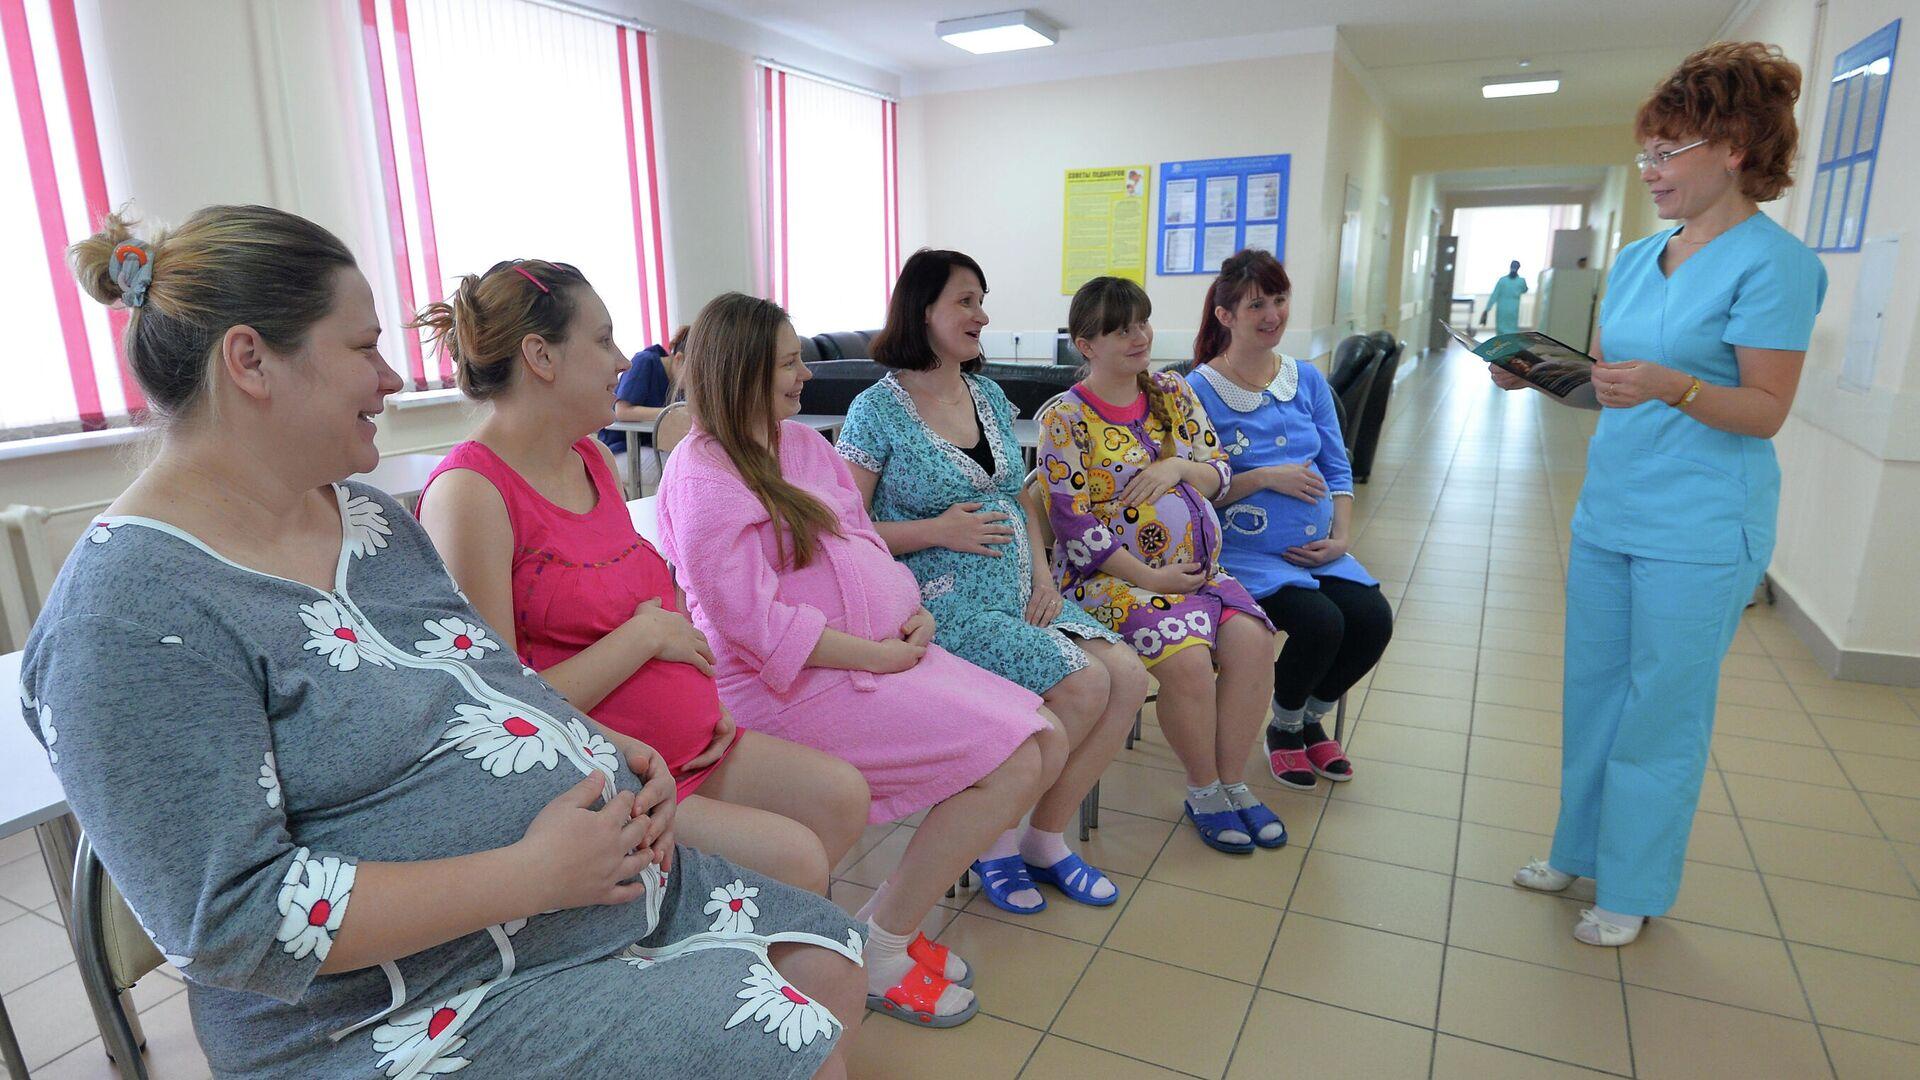 Врач беседует с будущими мамами в центре по ведению беременности и родов - РИА Новости, 1920, 03.07.2020